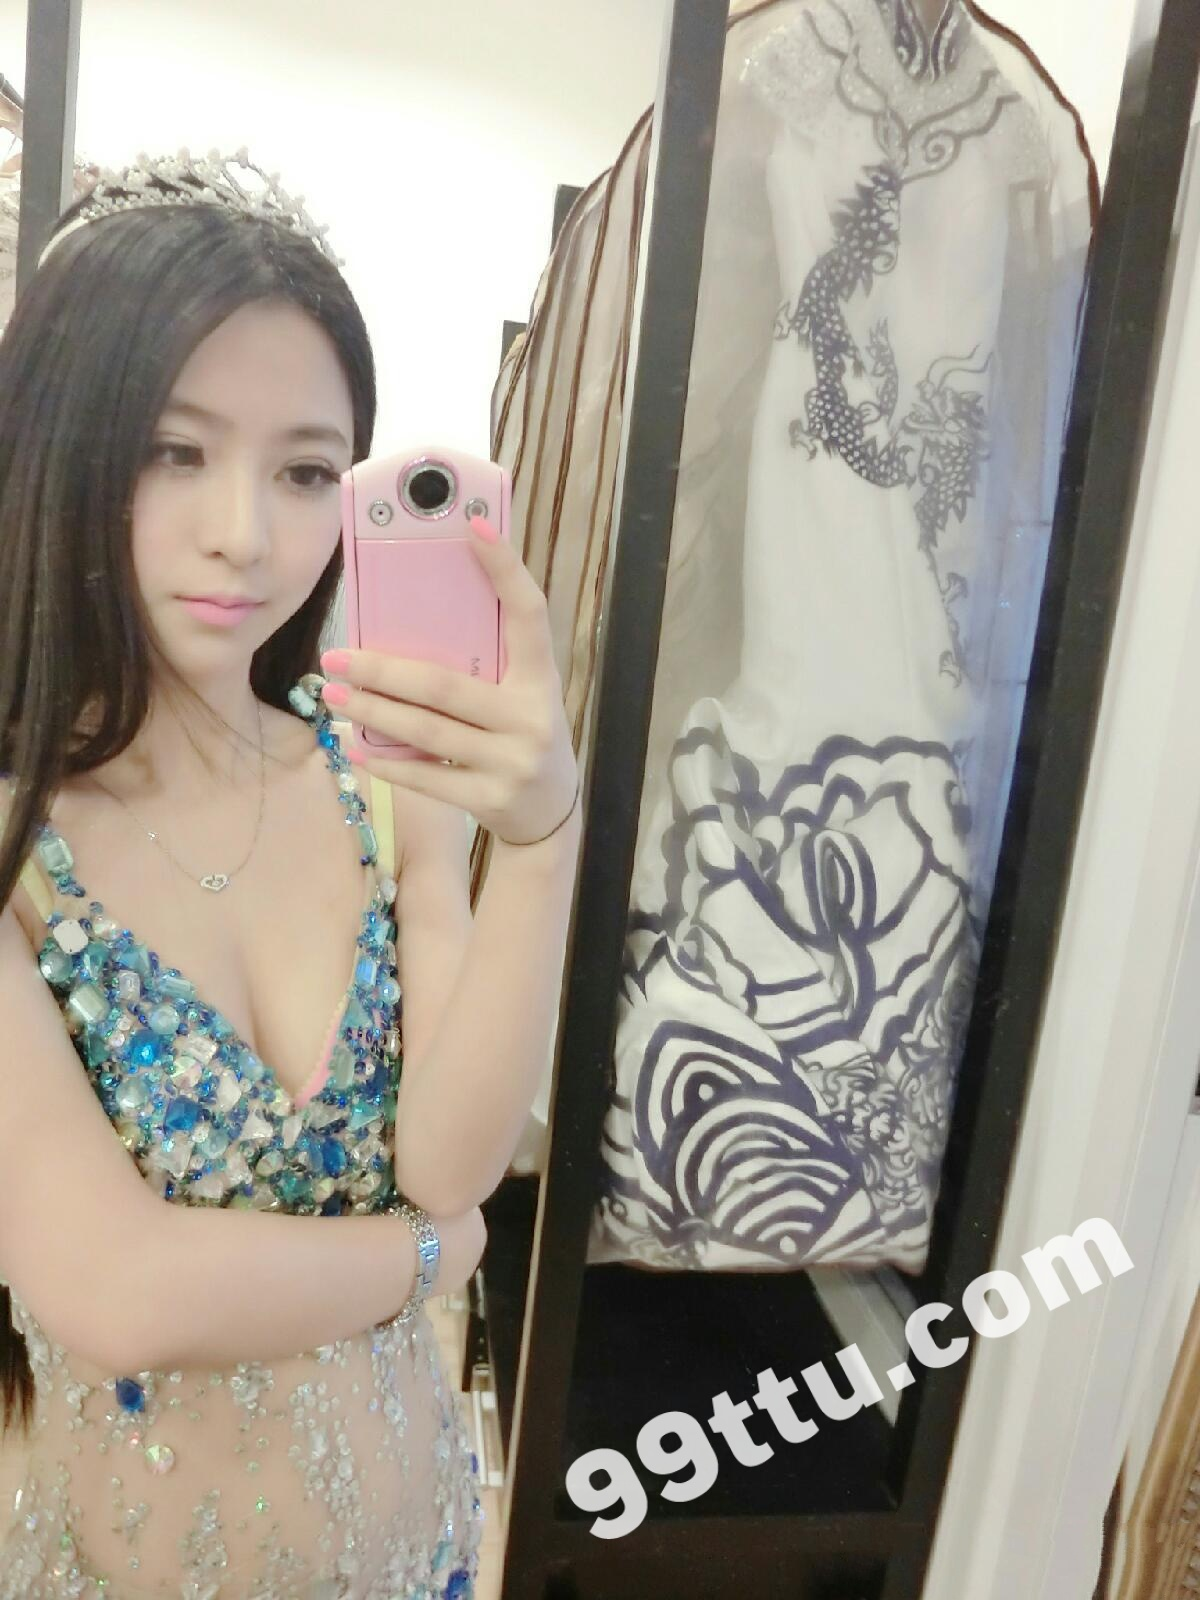 KK62_304张图+21视频 时尚美女网恋真实生活照-6